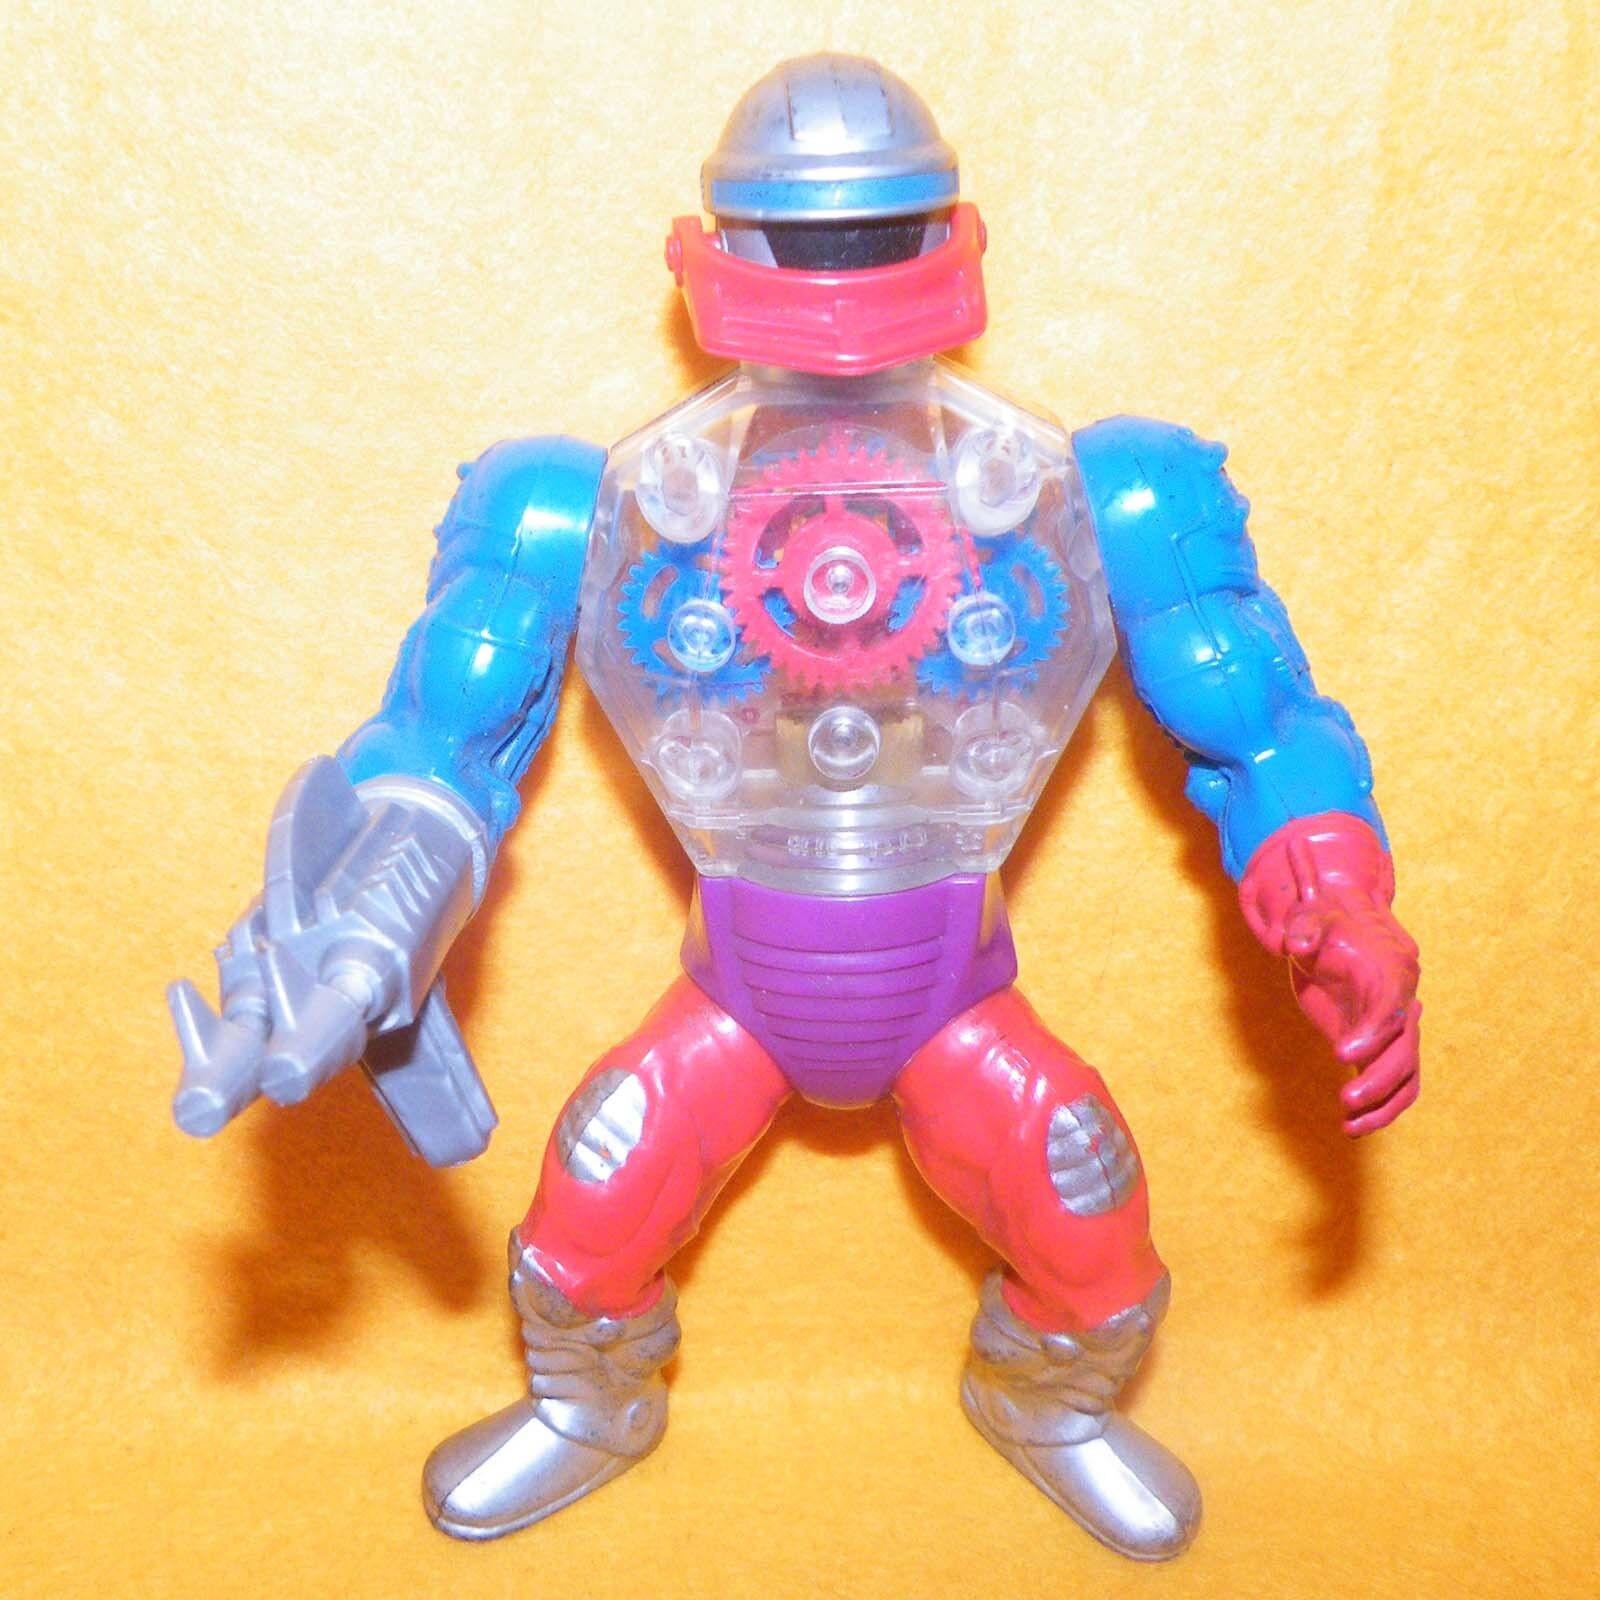 Vintage Vintage Vintage 1984 Mattel Amos del universo He-man Amos del universo ROBOTO figura + Arma  marca en liquidación de venta